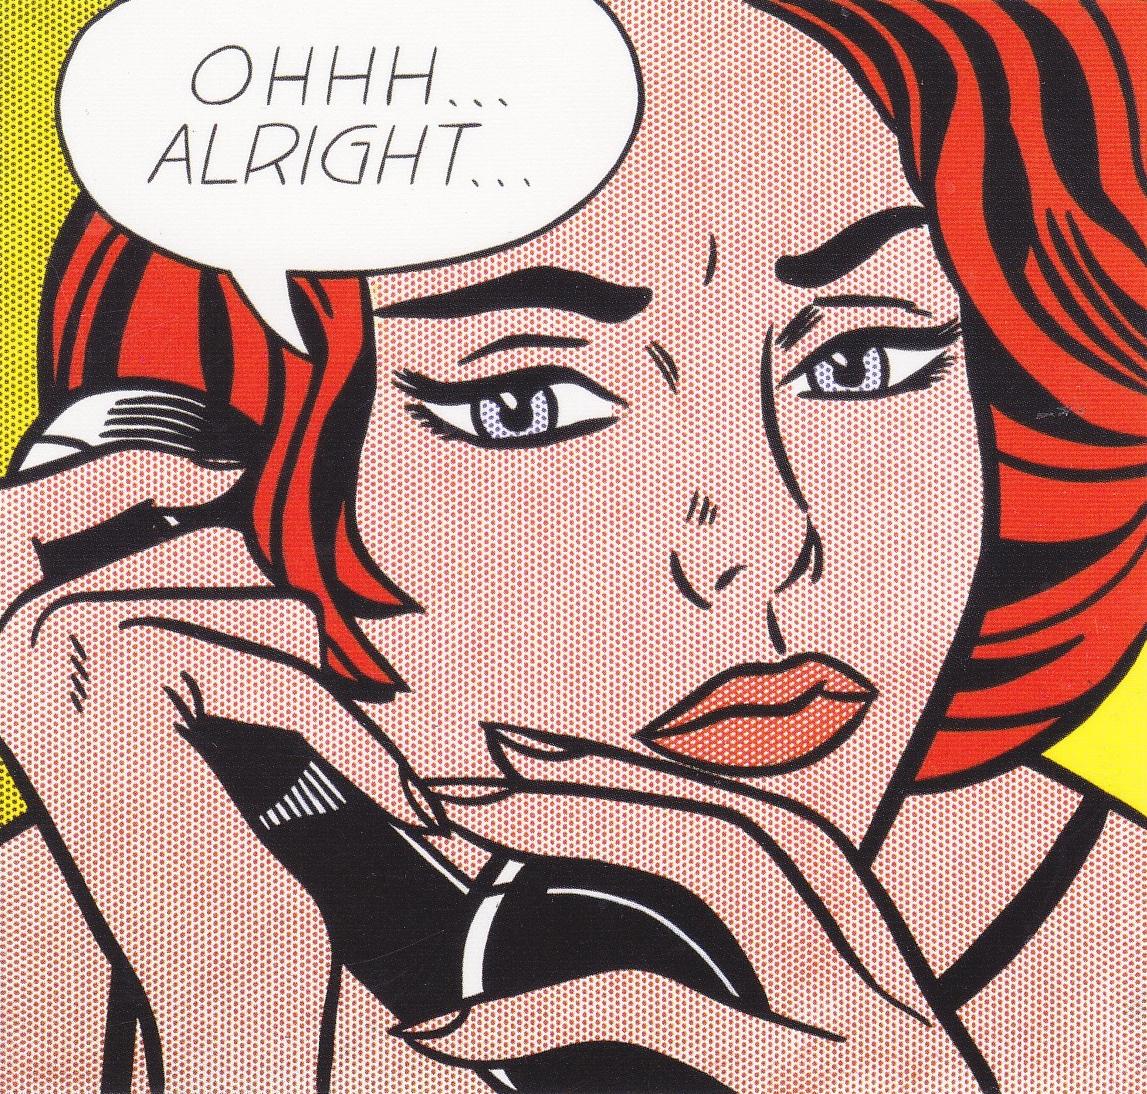 Roy Lichtenstein,  Ohh... Alright...,  1964